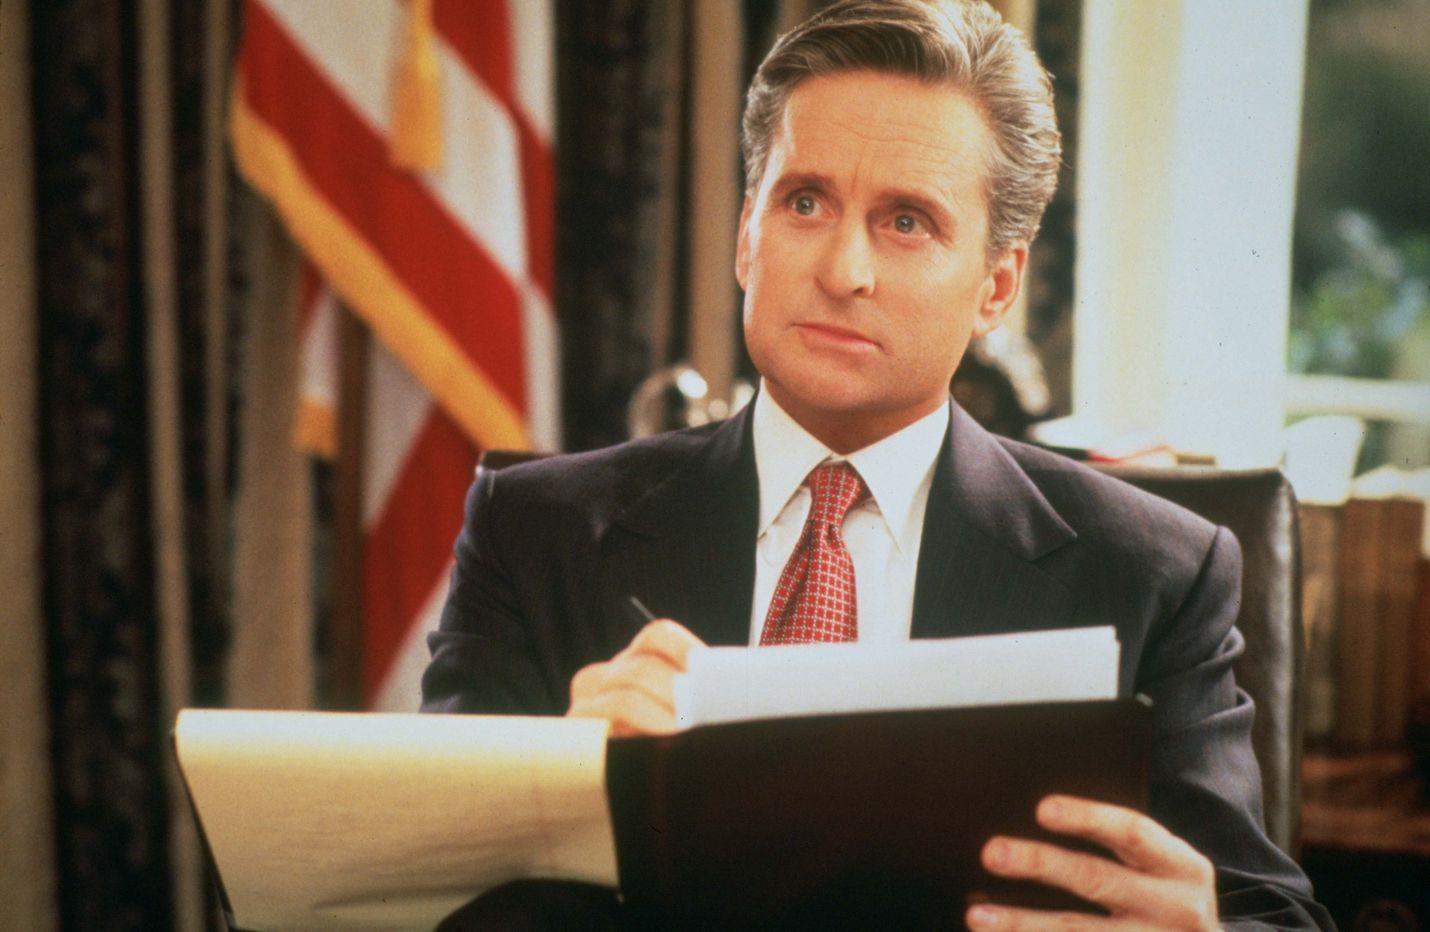 Romanttisessa komediassa Yhdysvaltain presidentti (Michael Douglas) rakastuu lobbariin.